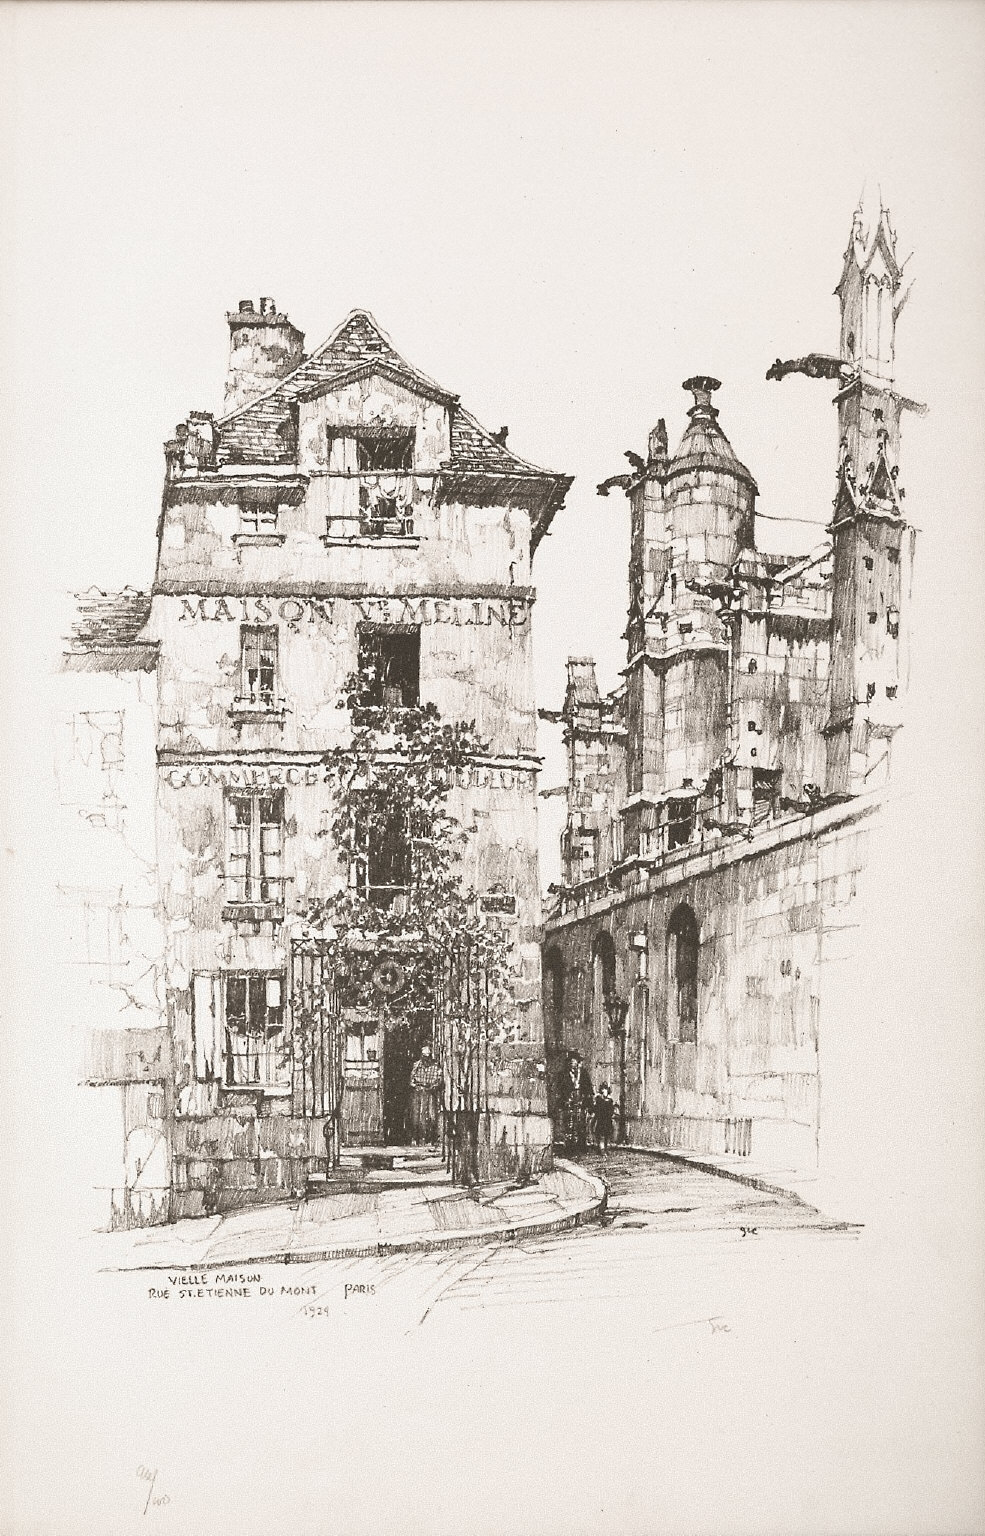 Twenty Lithographs of Old Paris: Veille Maison, Rue Saint Étienne du Mont, Paris